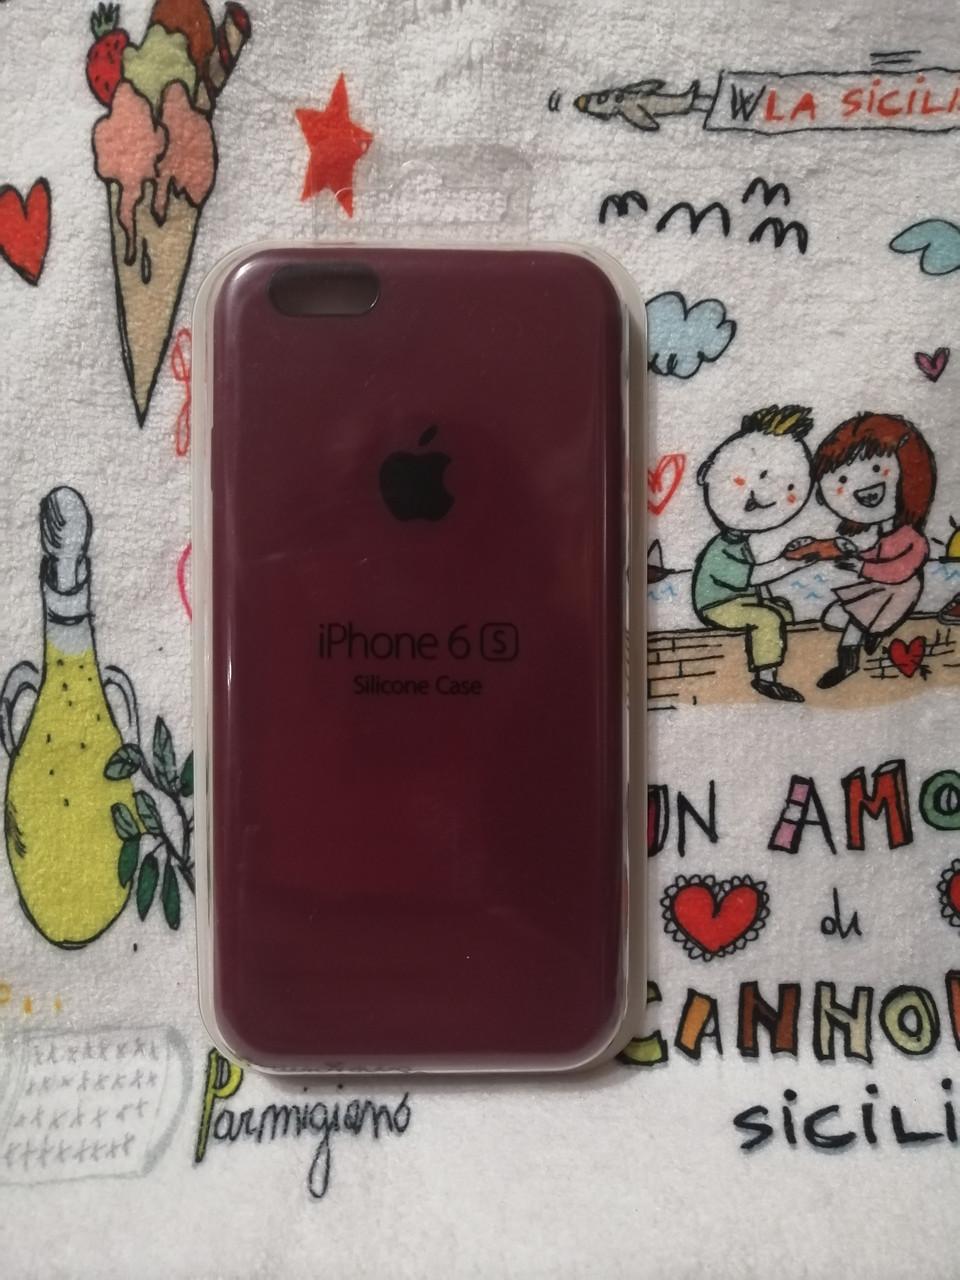 Силиконовый чехол для Айфон  6 / 6S  Silicon Case Iphone 6 / 6S в защищенном боксе - Color 20